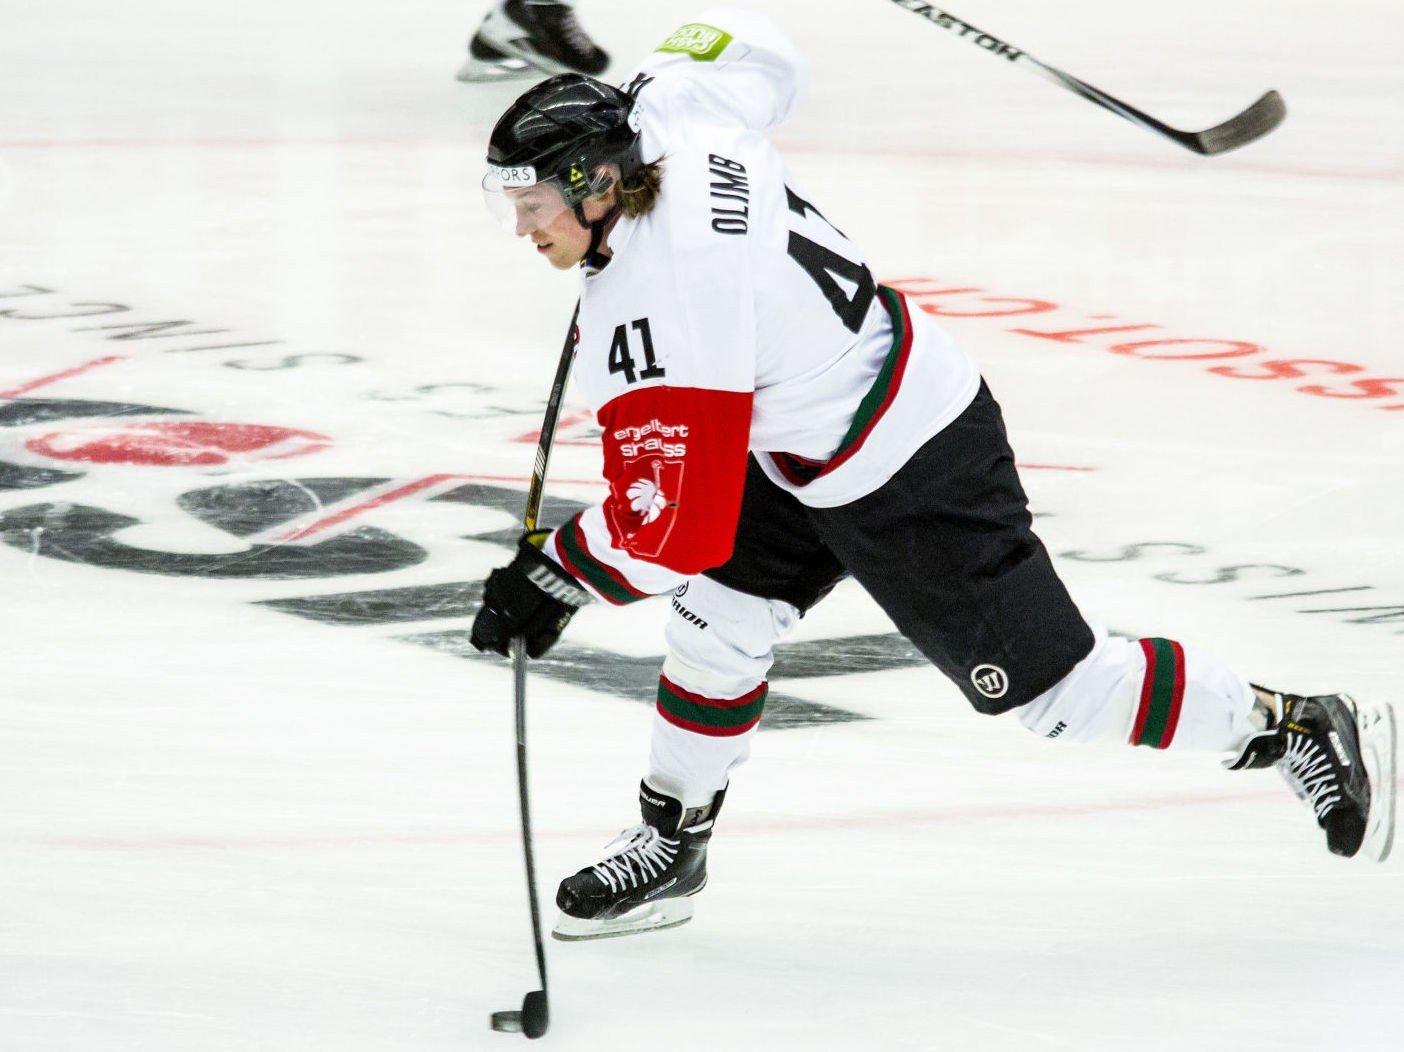 Mathis Olimb og Frölunda tapte den andre kvartfinalekmapen mot Luleå. Nordmannen havnet også i håndgemeng undervis i oppgjøret.